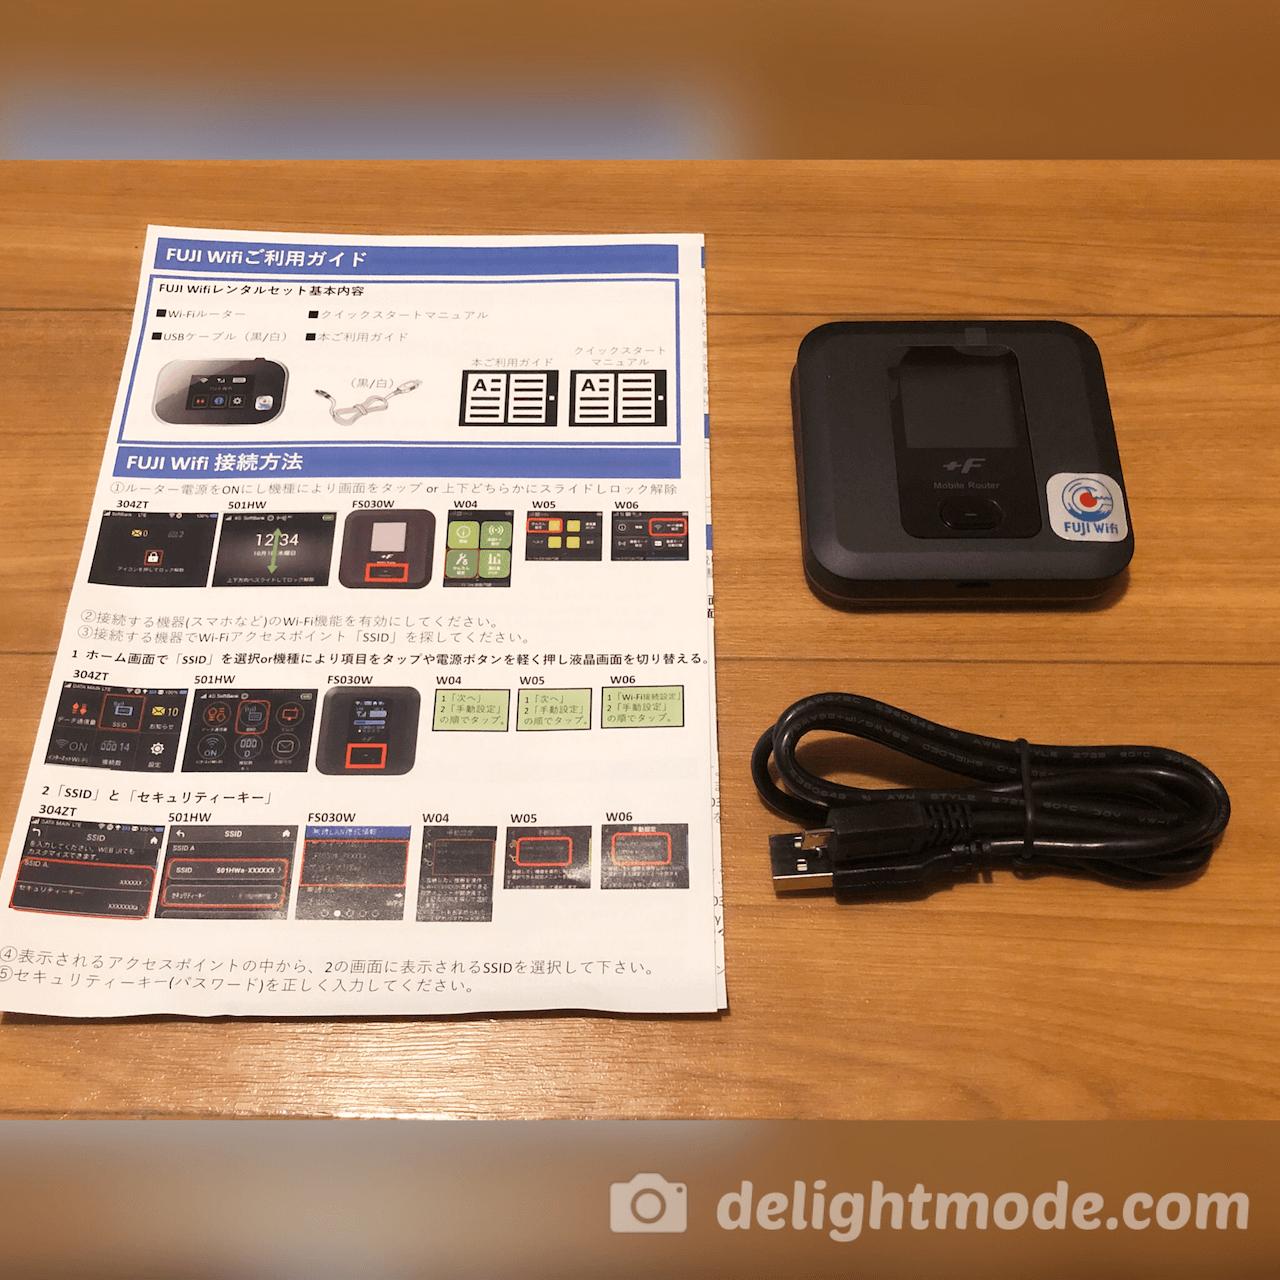 FUJI Wifiでソフトバンク回線のモバイルルーターをレンタル。プランは50GB。本体とマイクロUSBケーブル、説明書が付属していました。